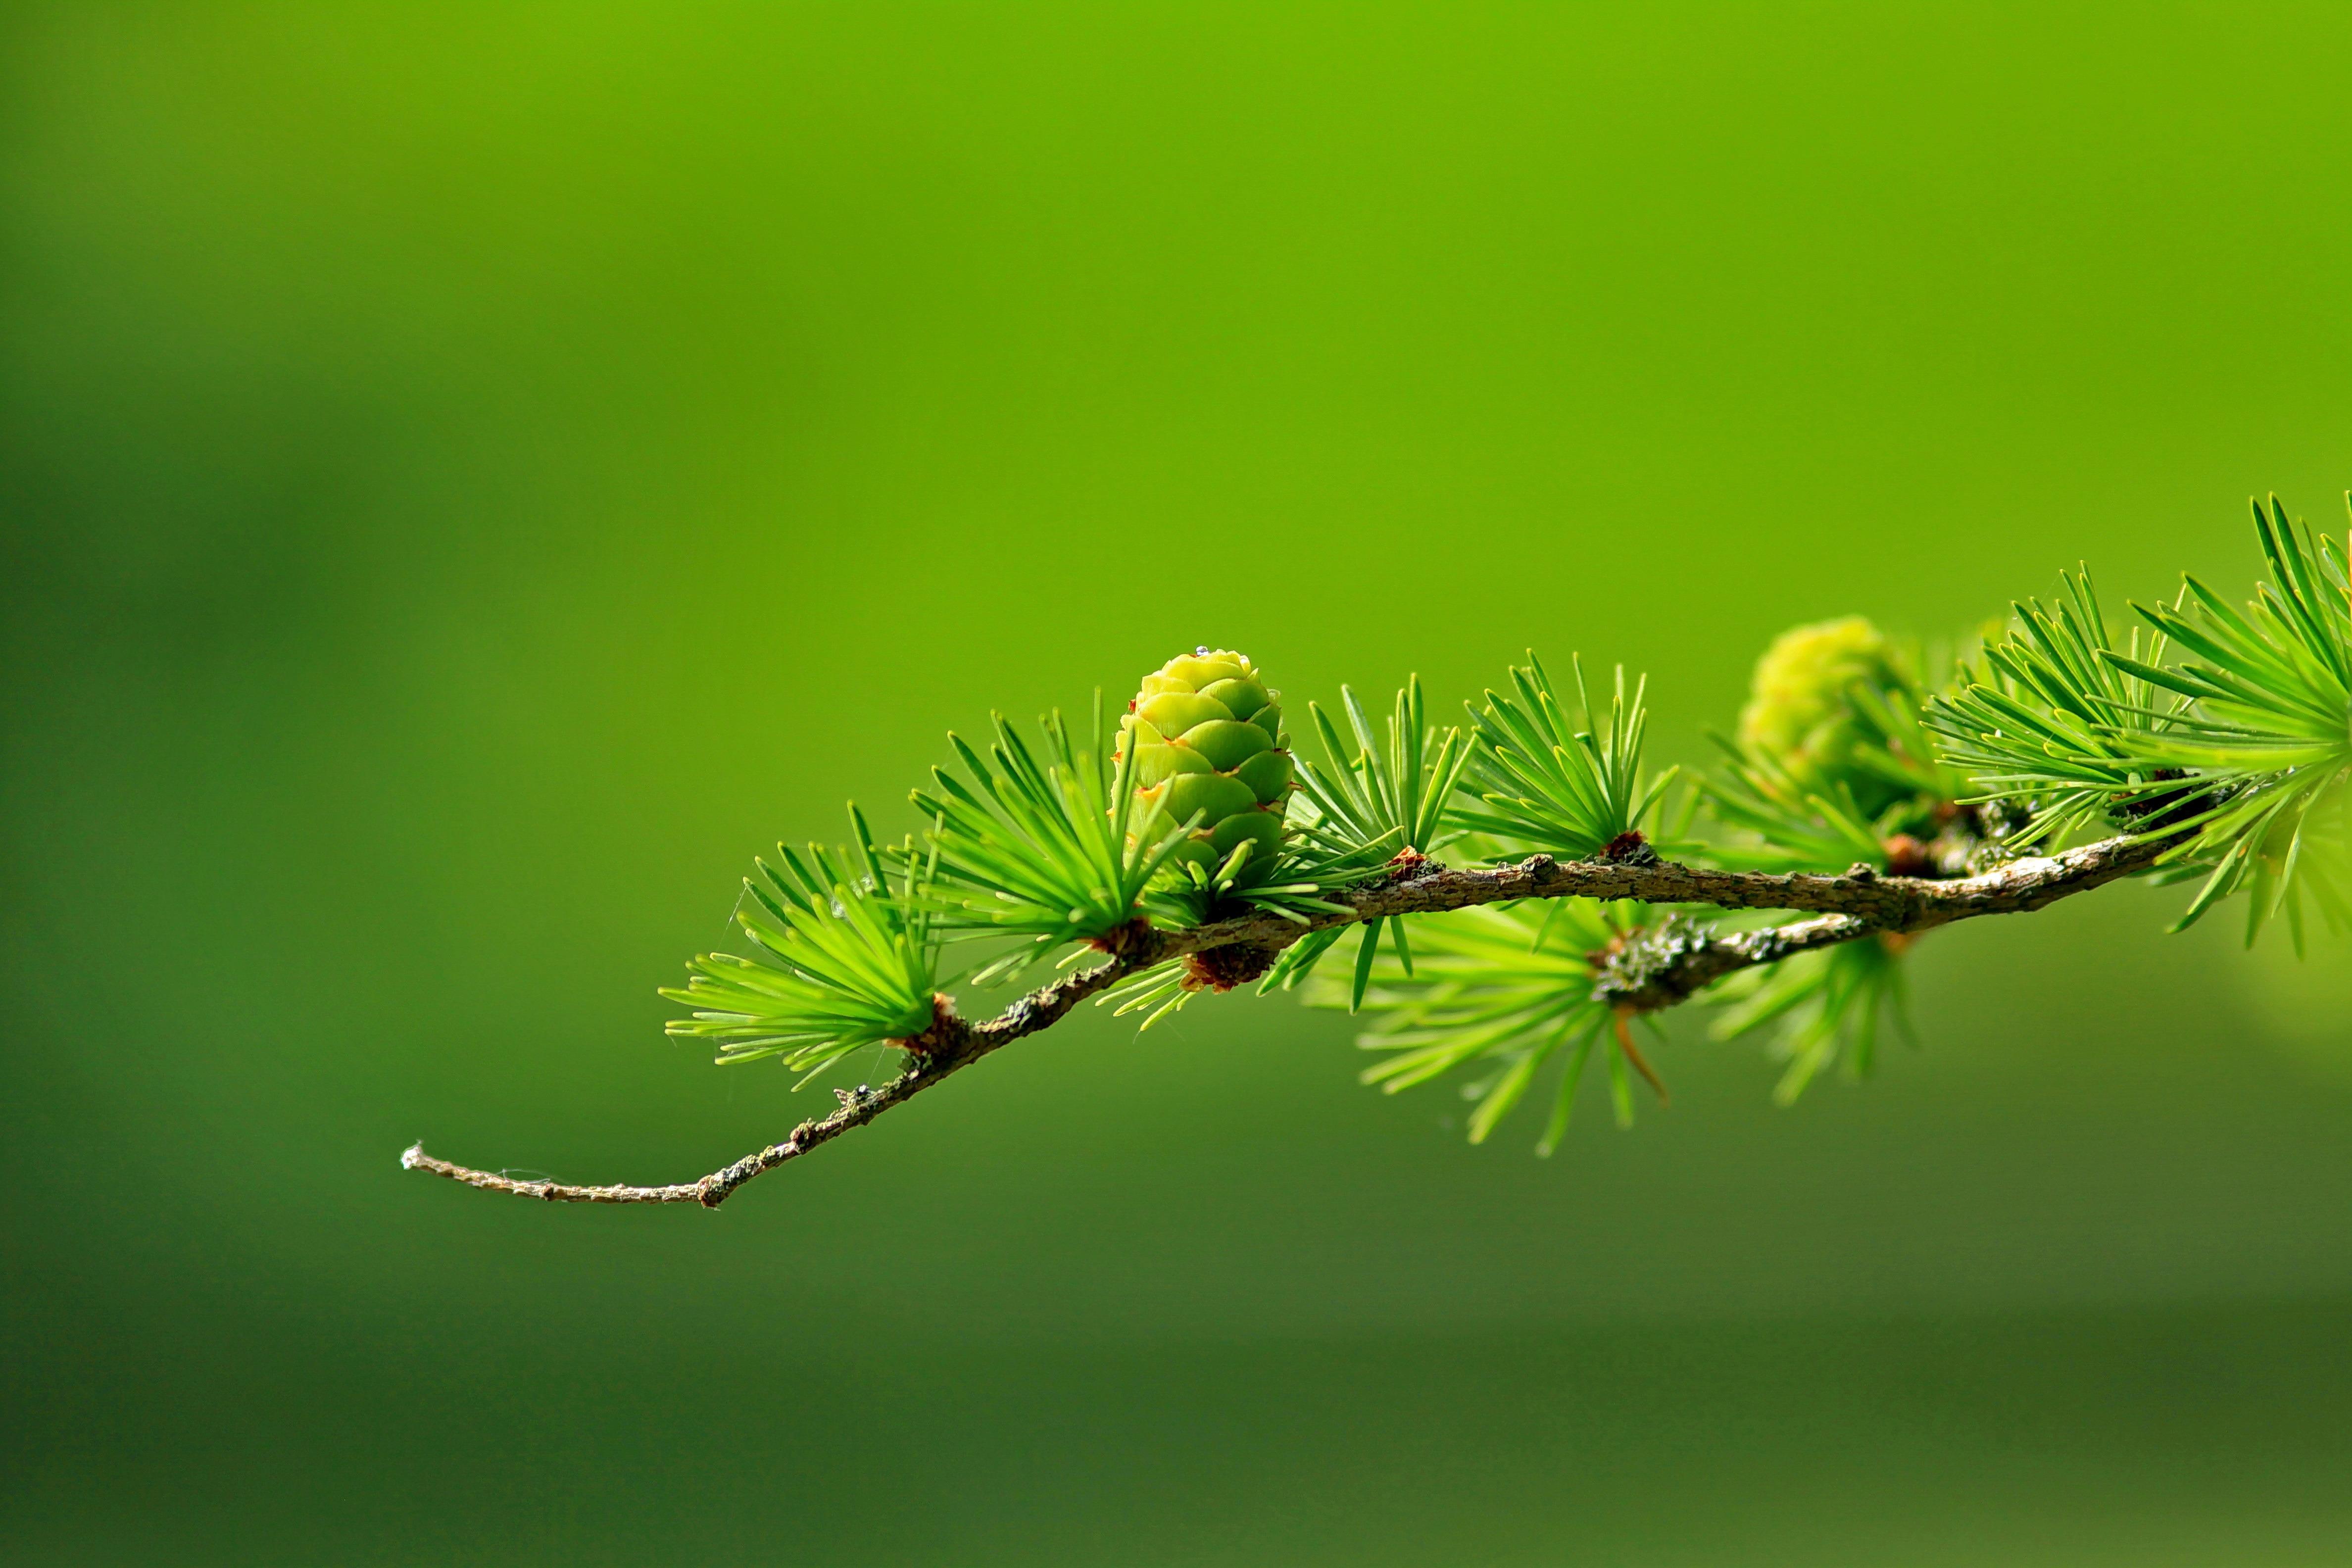 conifer-cone